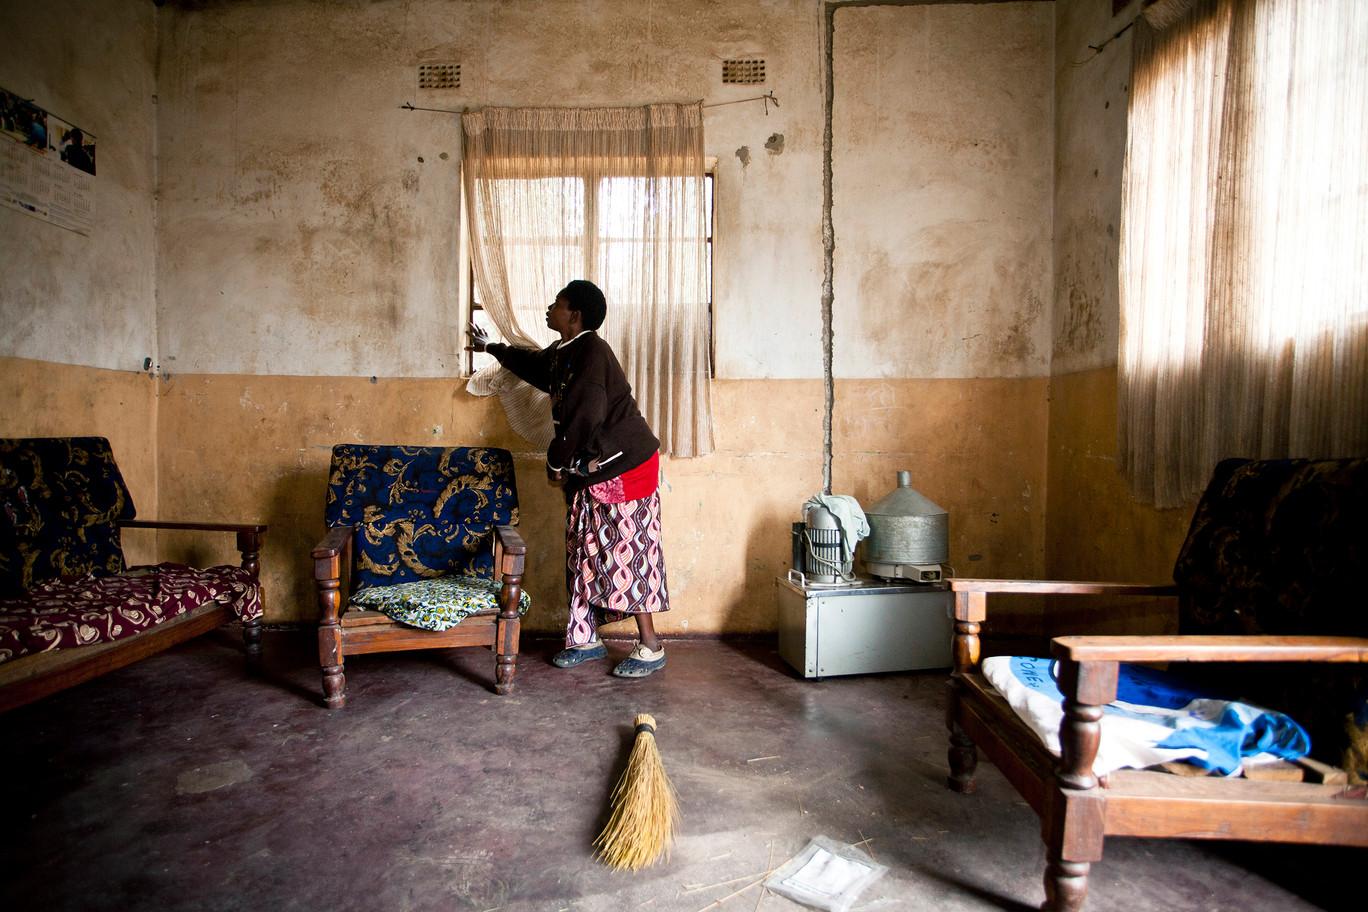 NGO_CSR-OSISA-Zambia 005.jpg